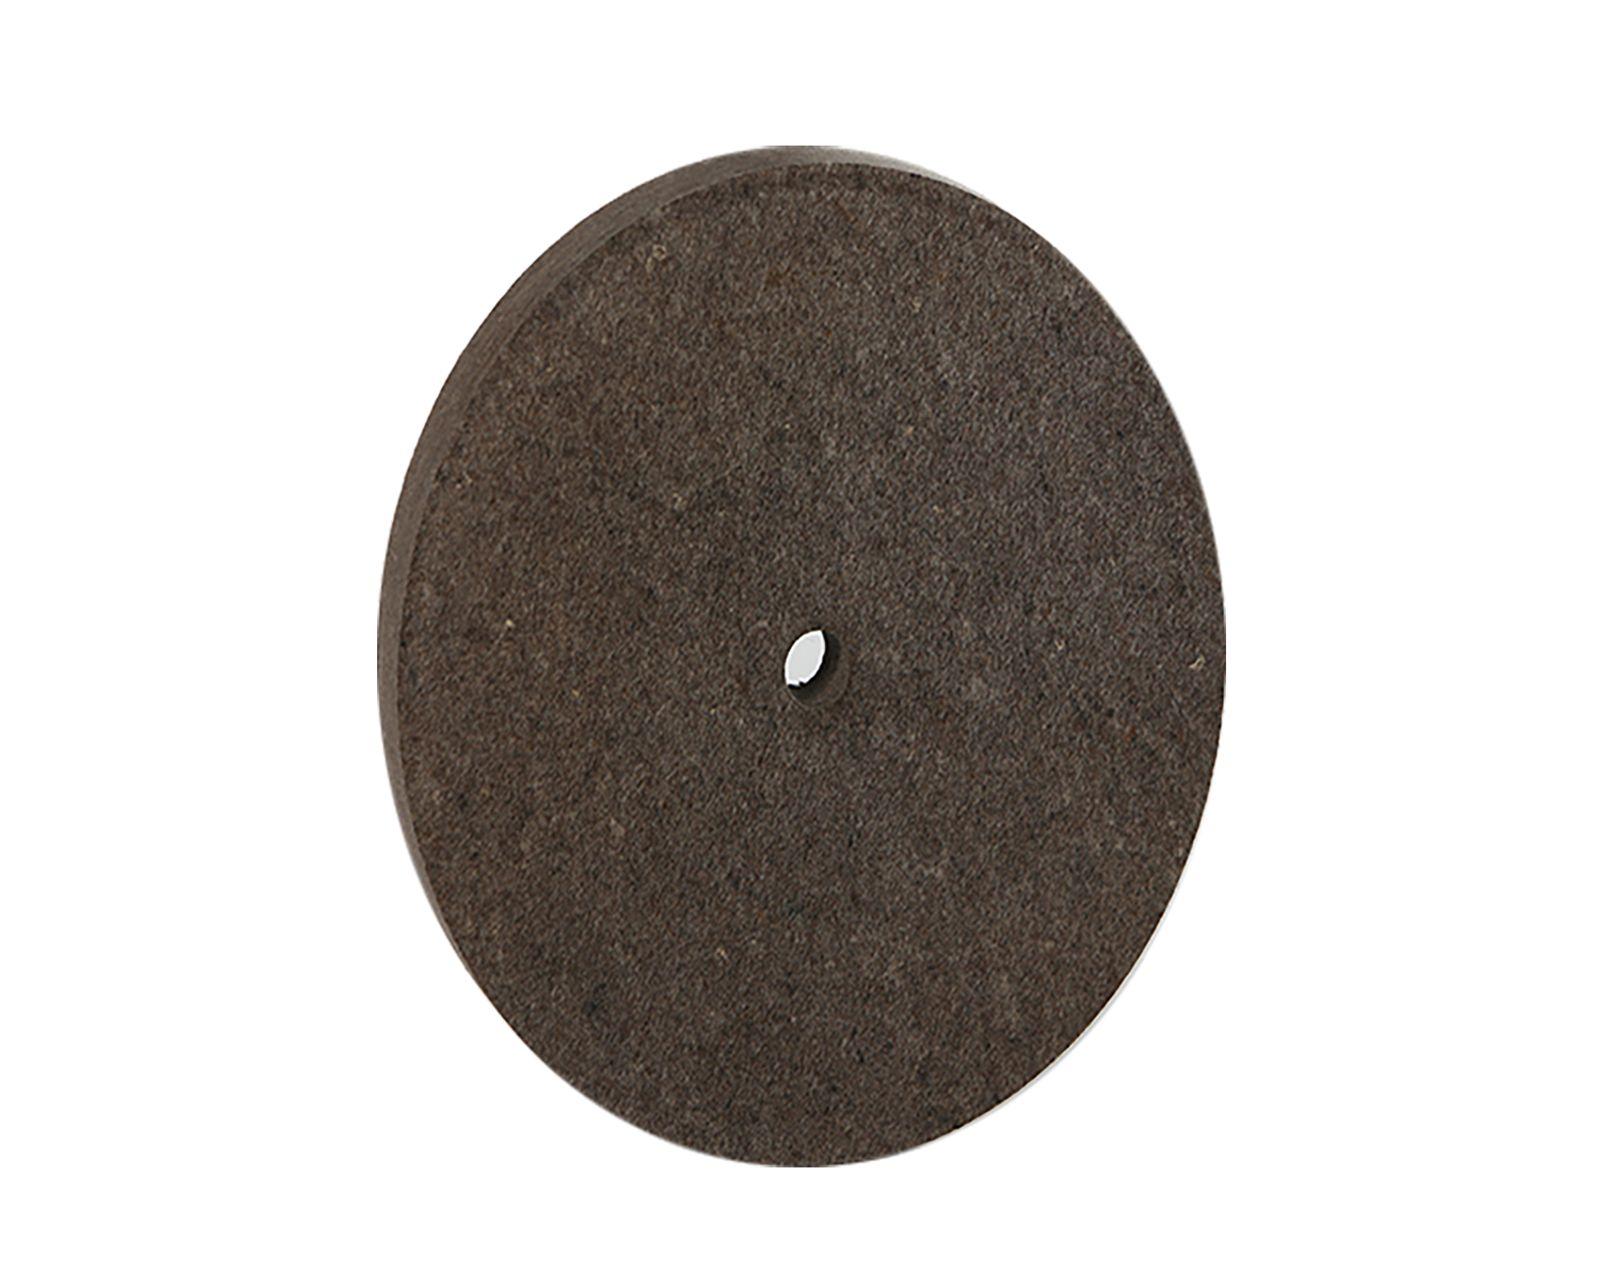 Filzscheibe 200x25x16mm für Bandschleifmaschine Polierscheibe Filz 0.56 - 0.60 001